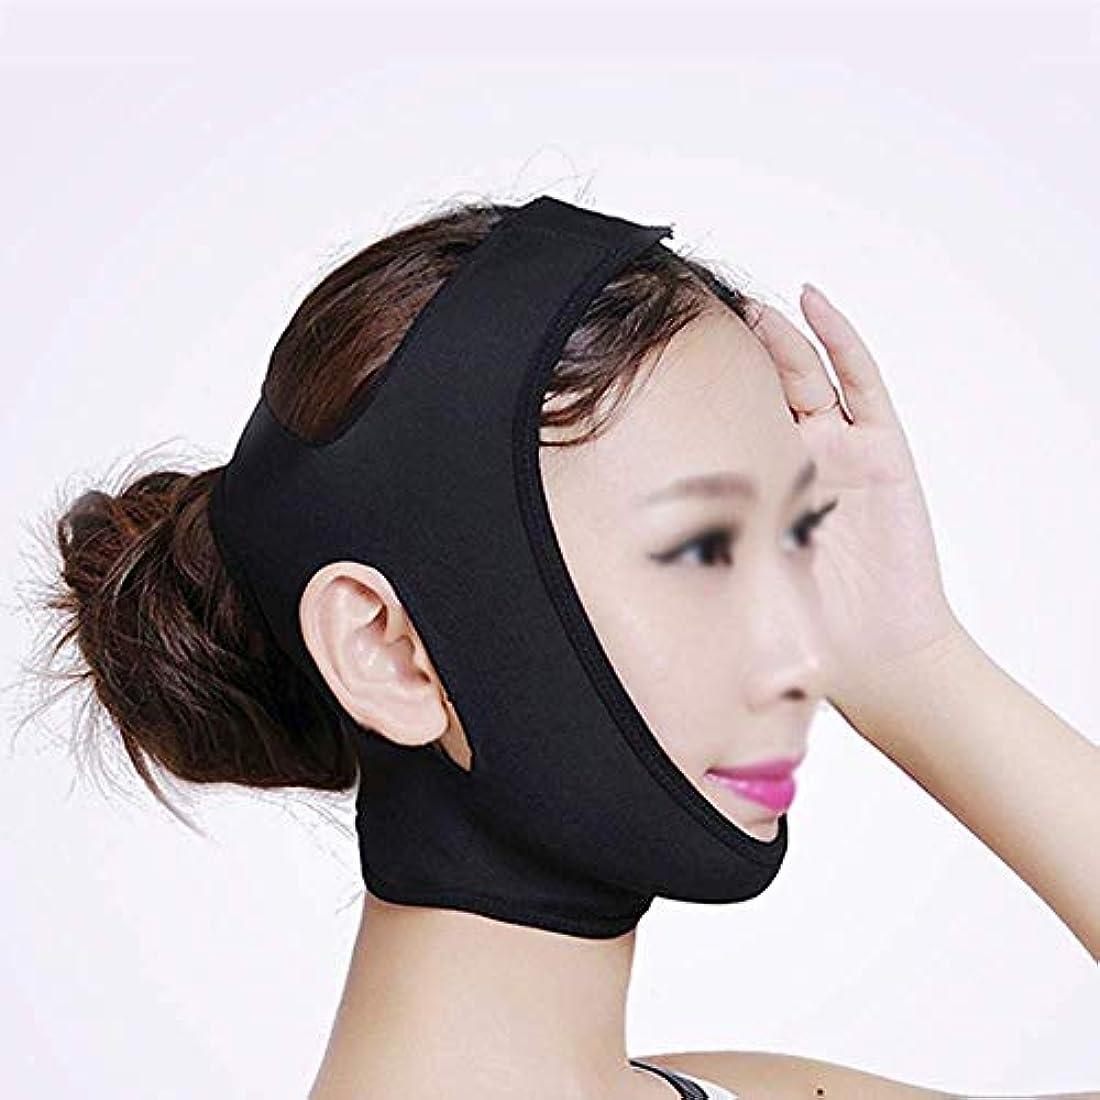 蛾実験室堤防フェイシャル減量マスクリフティングフェイス、フェイスマスク、減量包帯を除去するためのダブルチン、フェイシャルリフティング包帯、ダブルチンを減らすためのリフティングベルト(カラー:ブラック、サイズ:M),黒、XXL